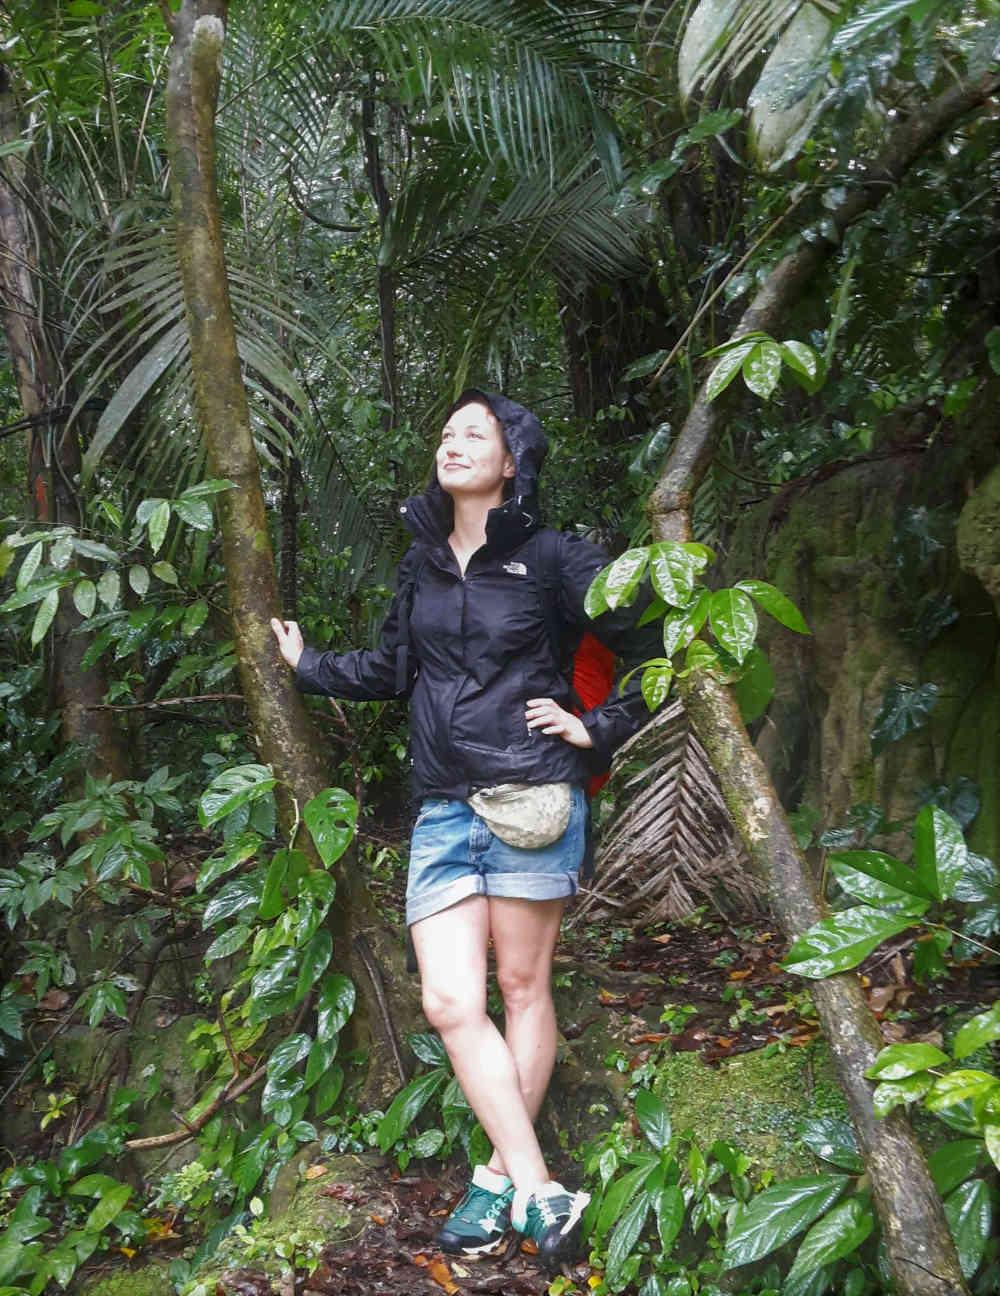 RegenwaldChiapas - Mexiko - Eins der schönsten Reiseländer überhaupt